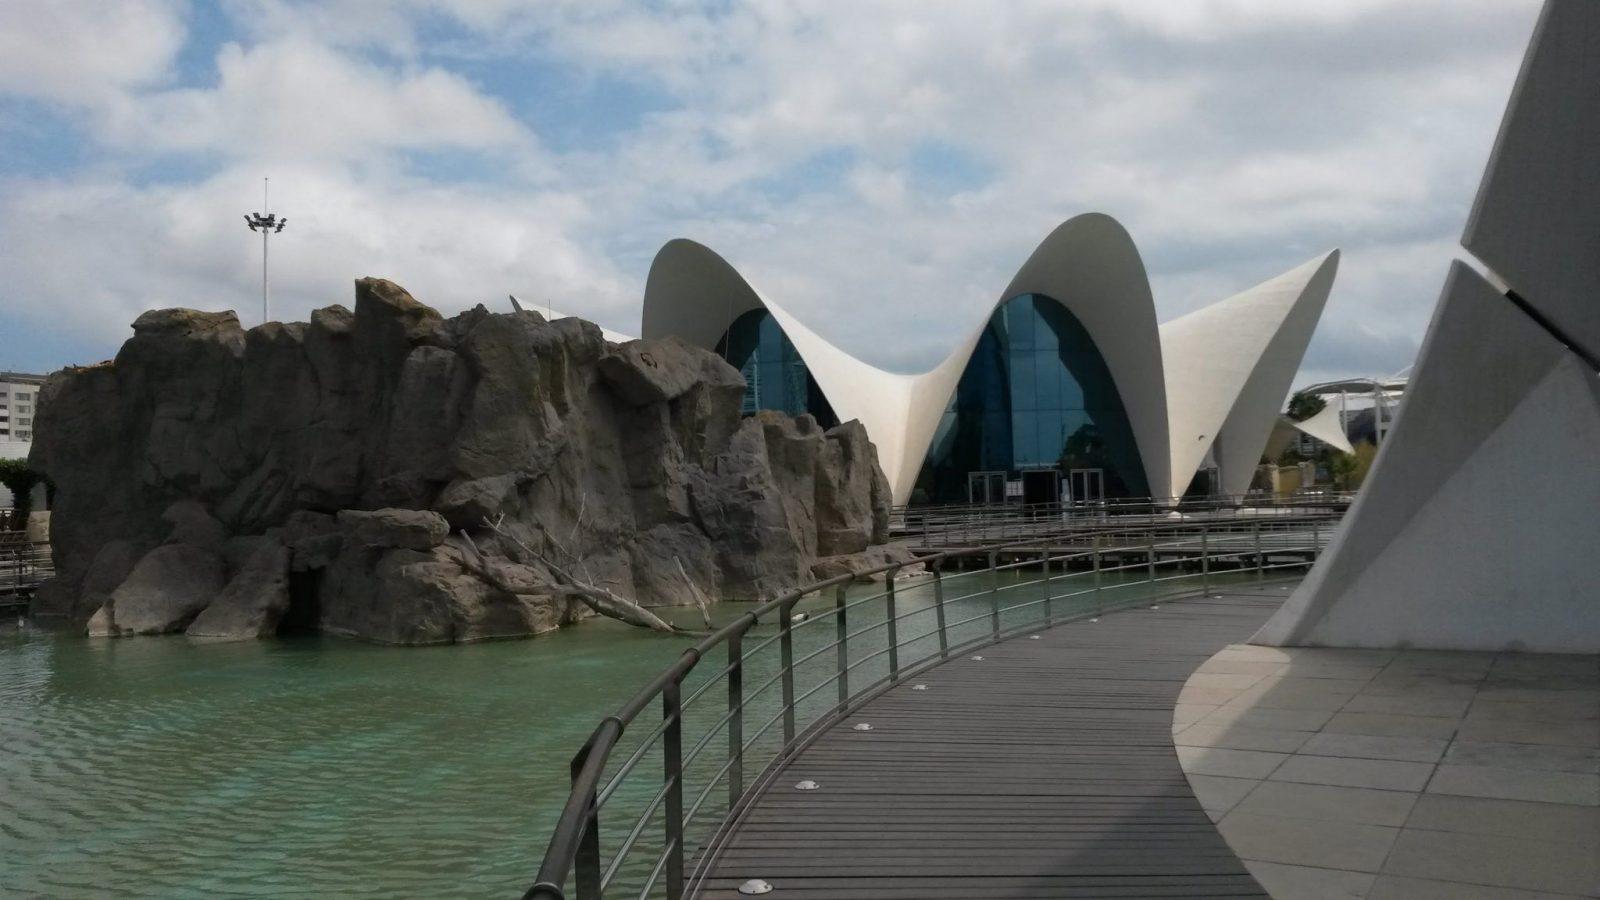 Ciudad de las Artes y las Ciencias: футуристический город науки и искусств